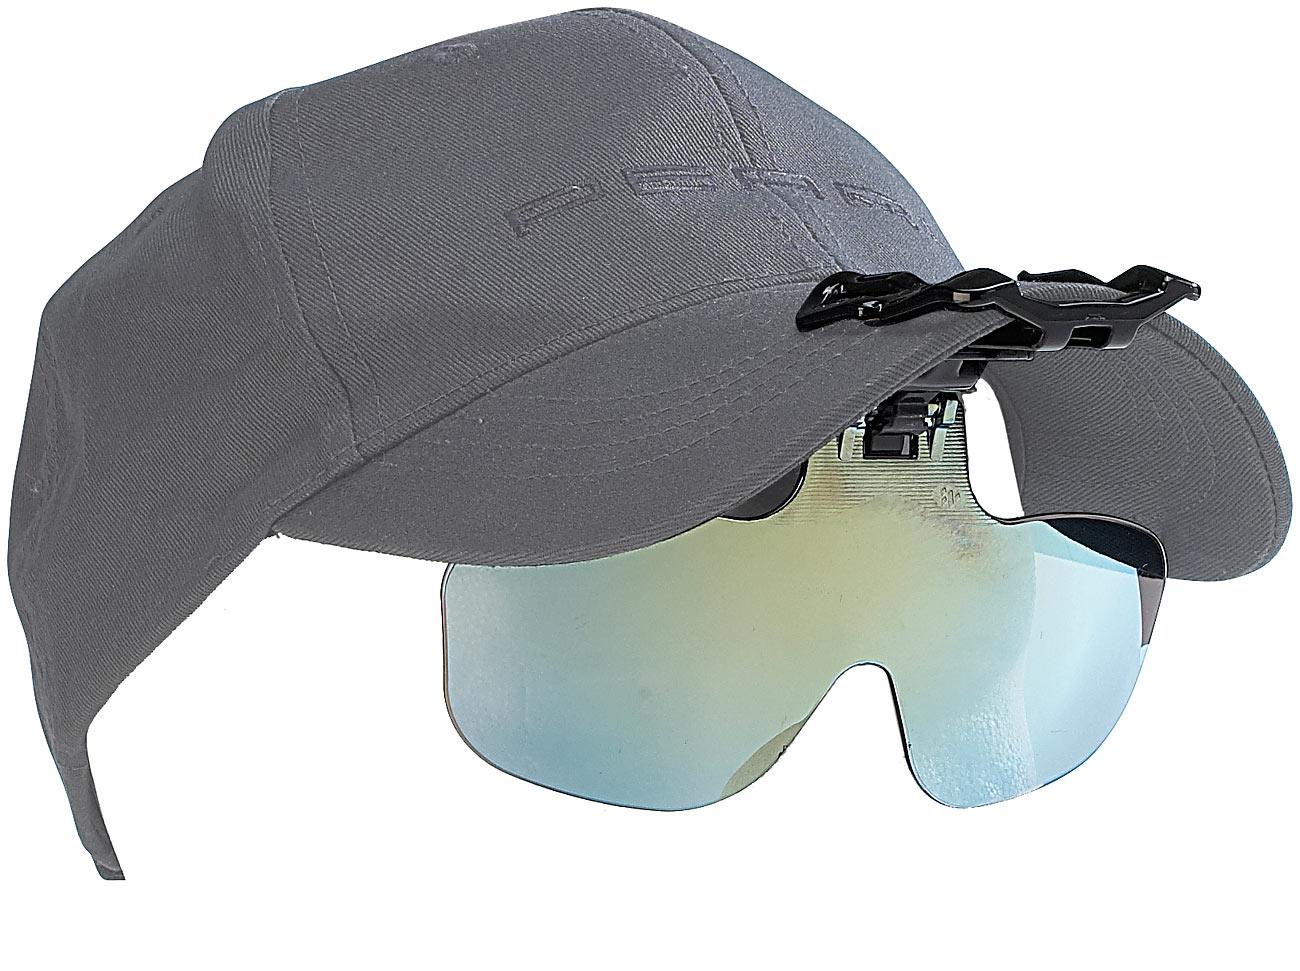 Speeron Ansteck-Sonnenbrille für Baseball-Caps, ideal für Brillenträger